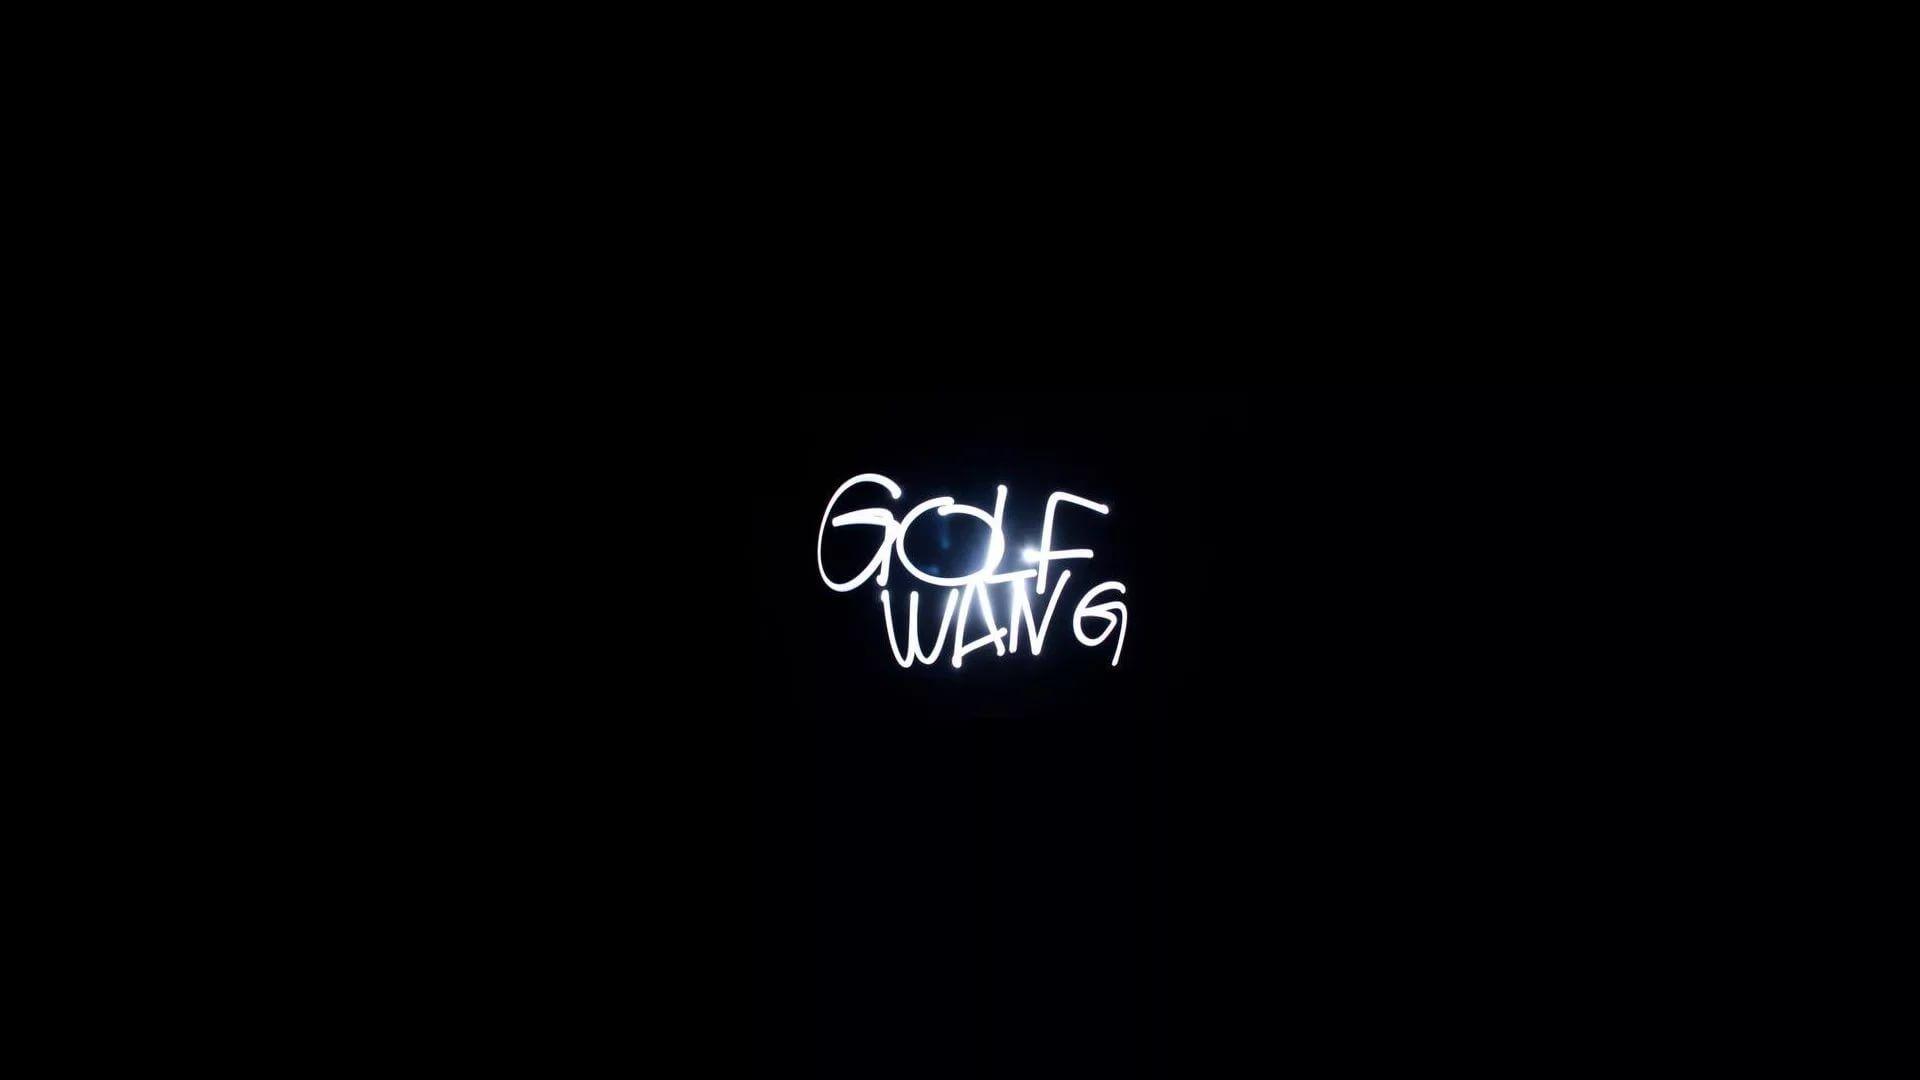 Golf Wang good wallpaper